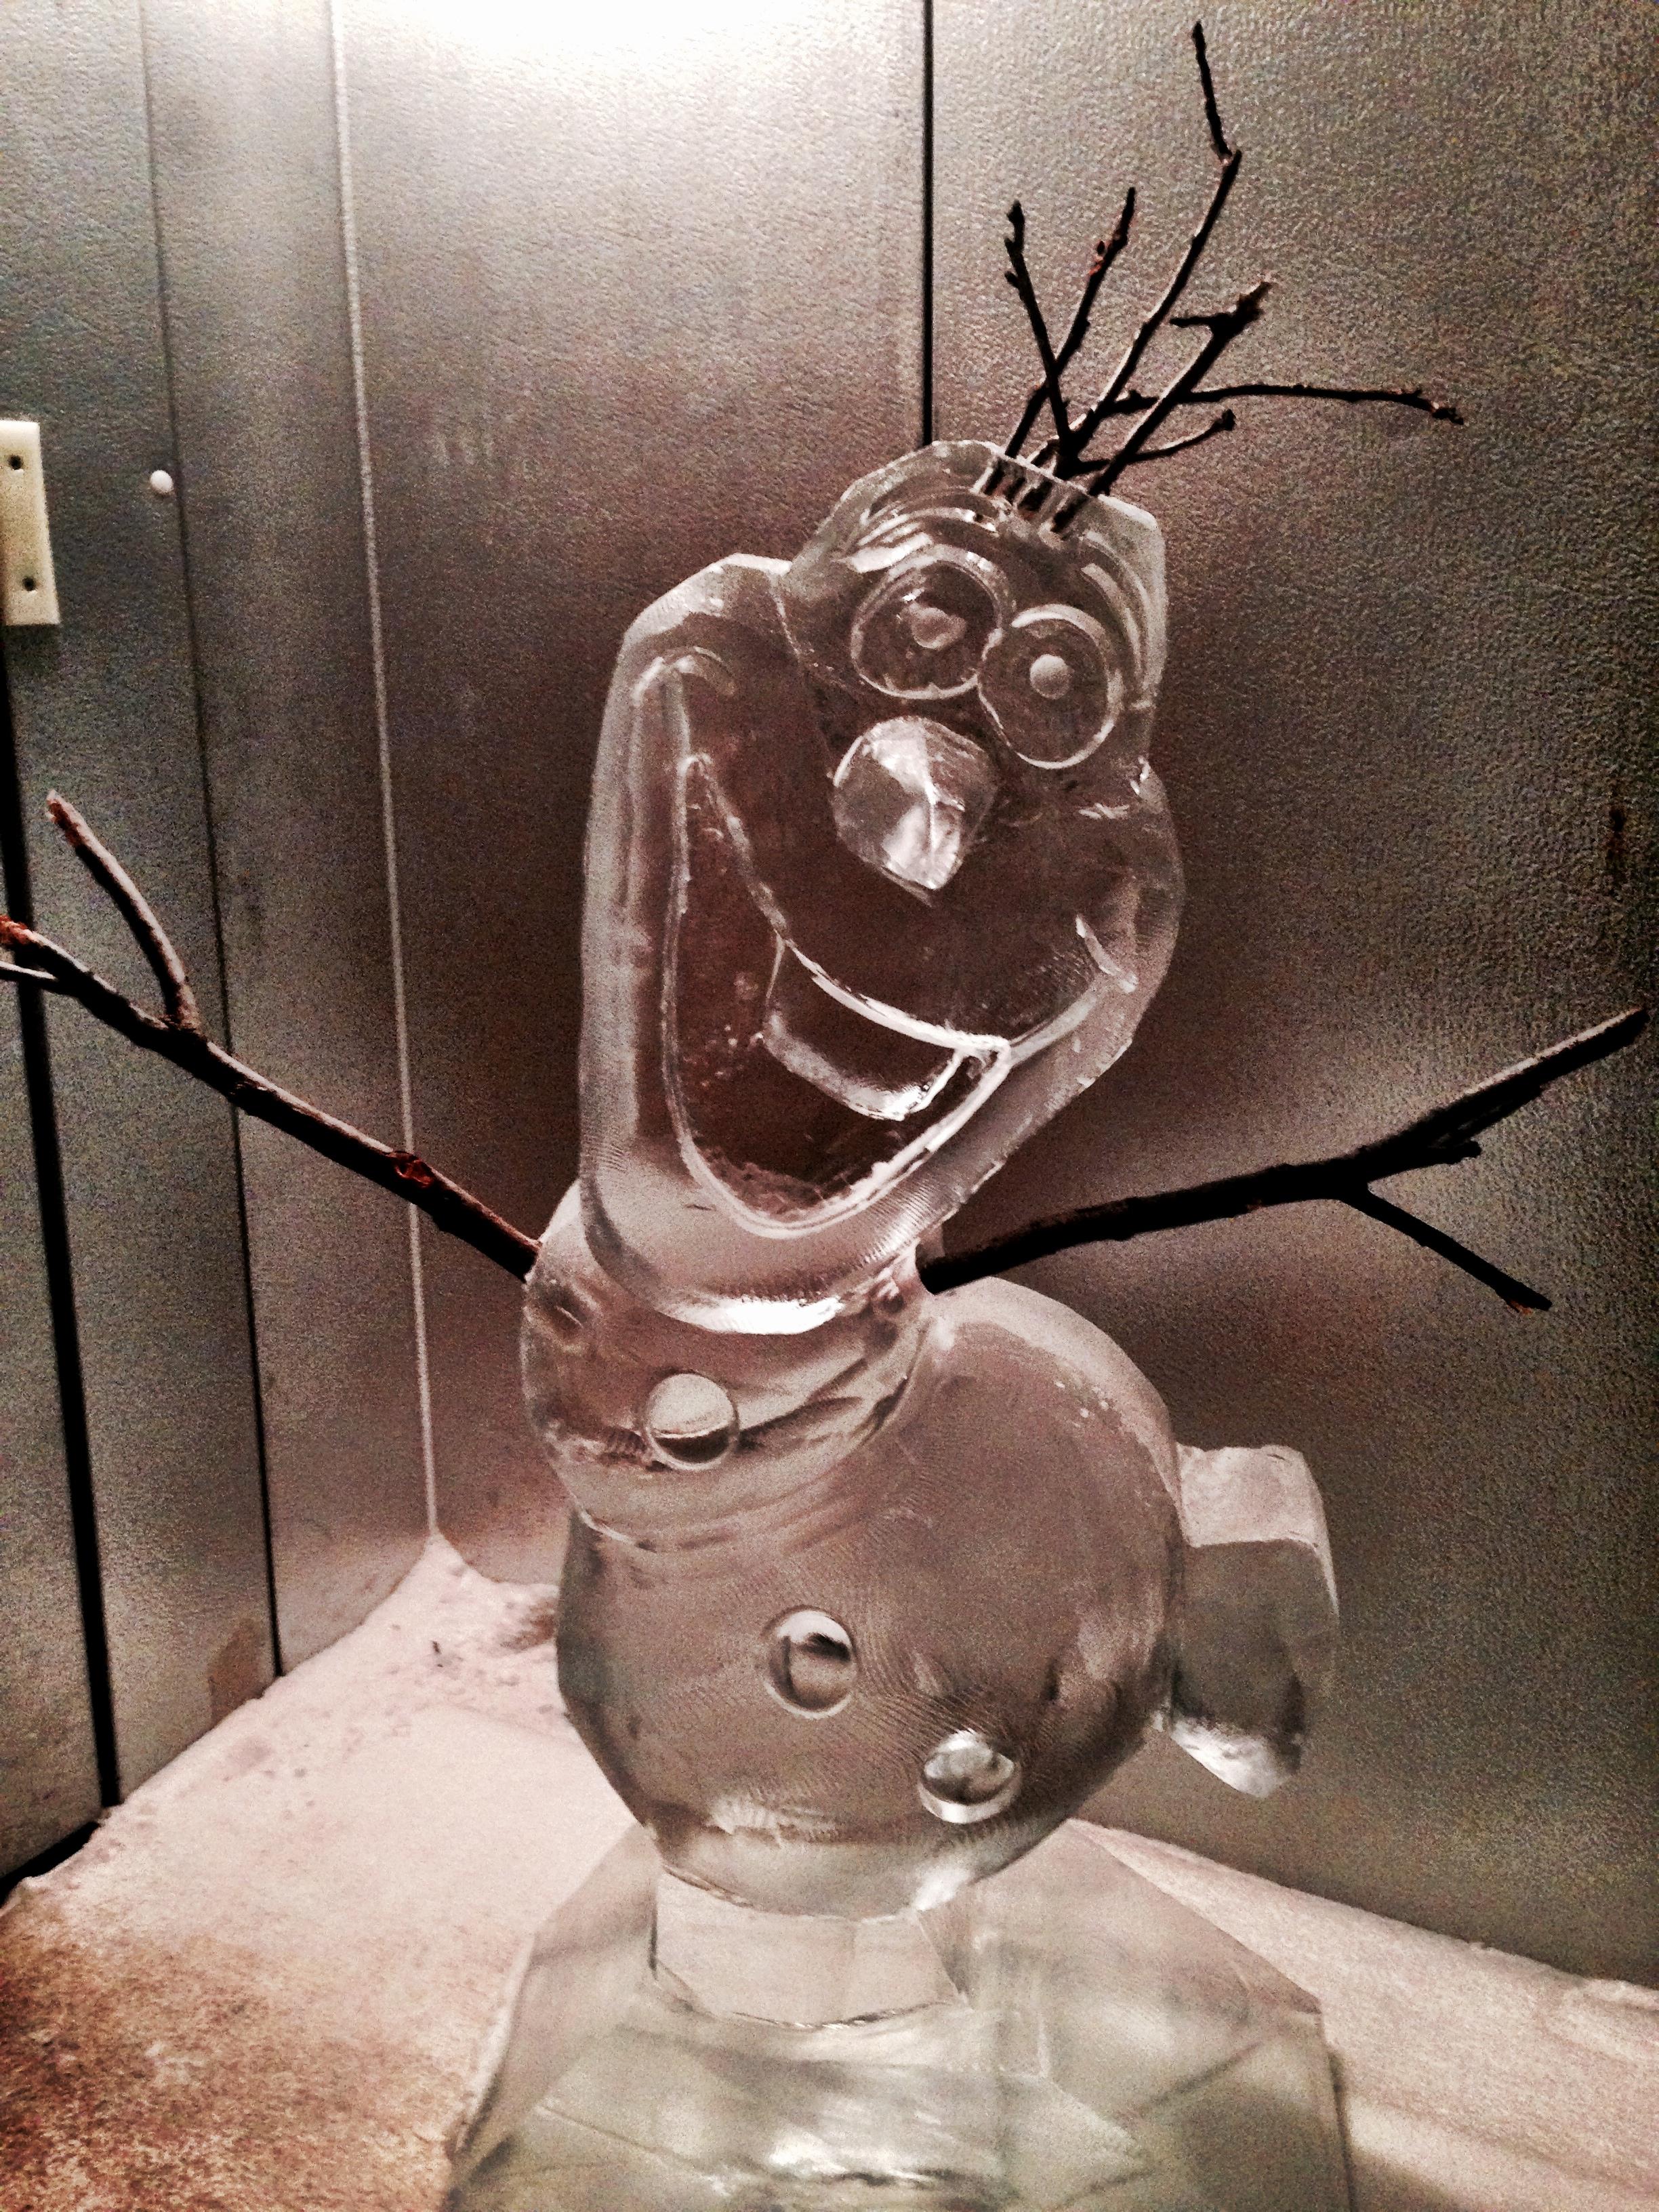 Olaf Ice sculpture